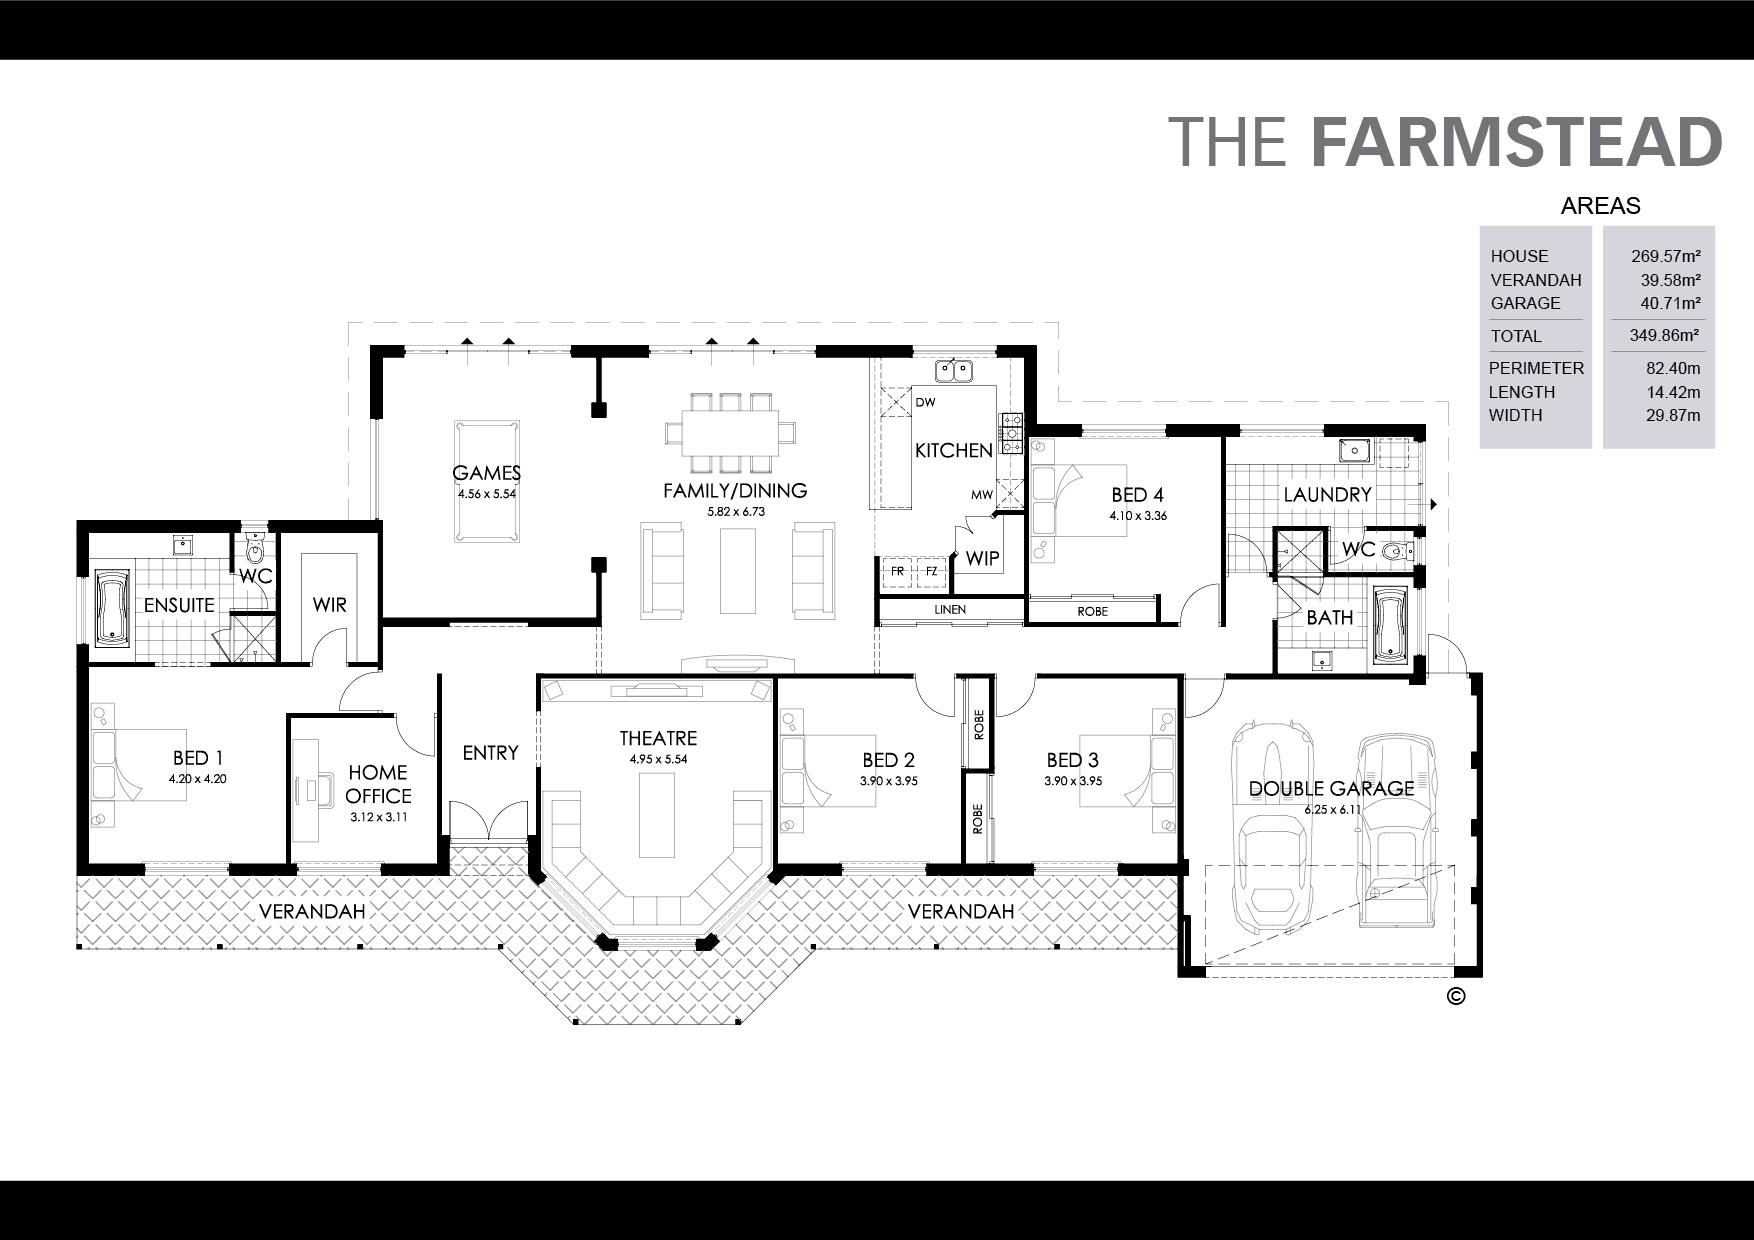 The Farmstead Floorplan